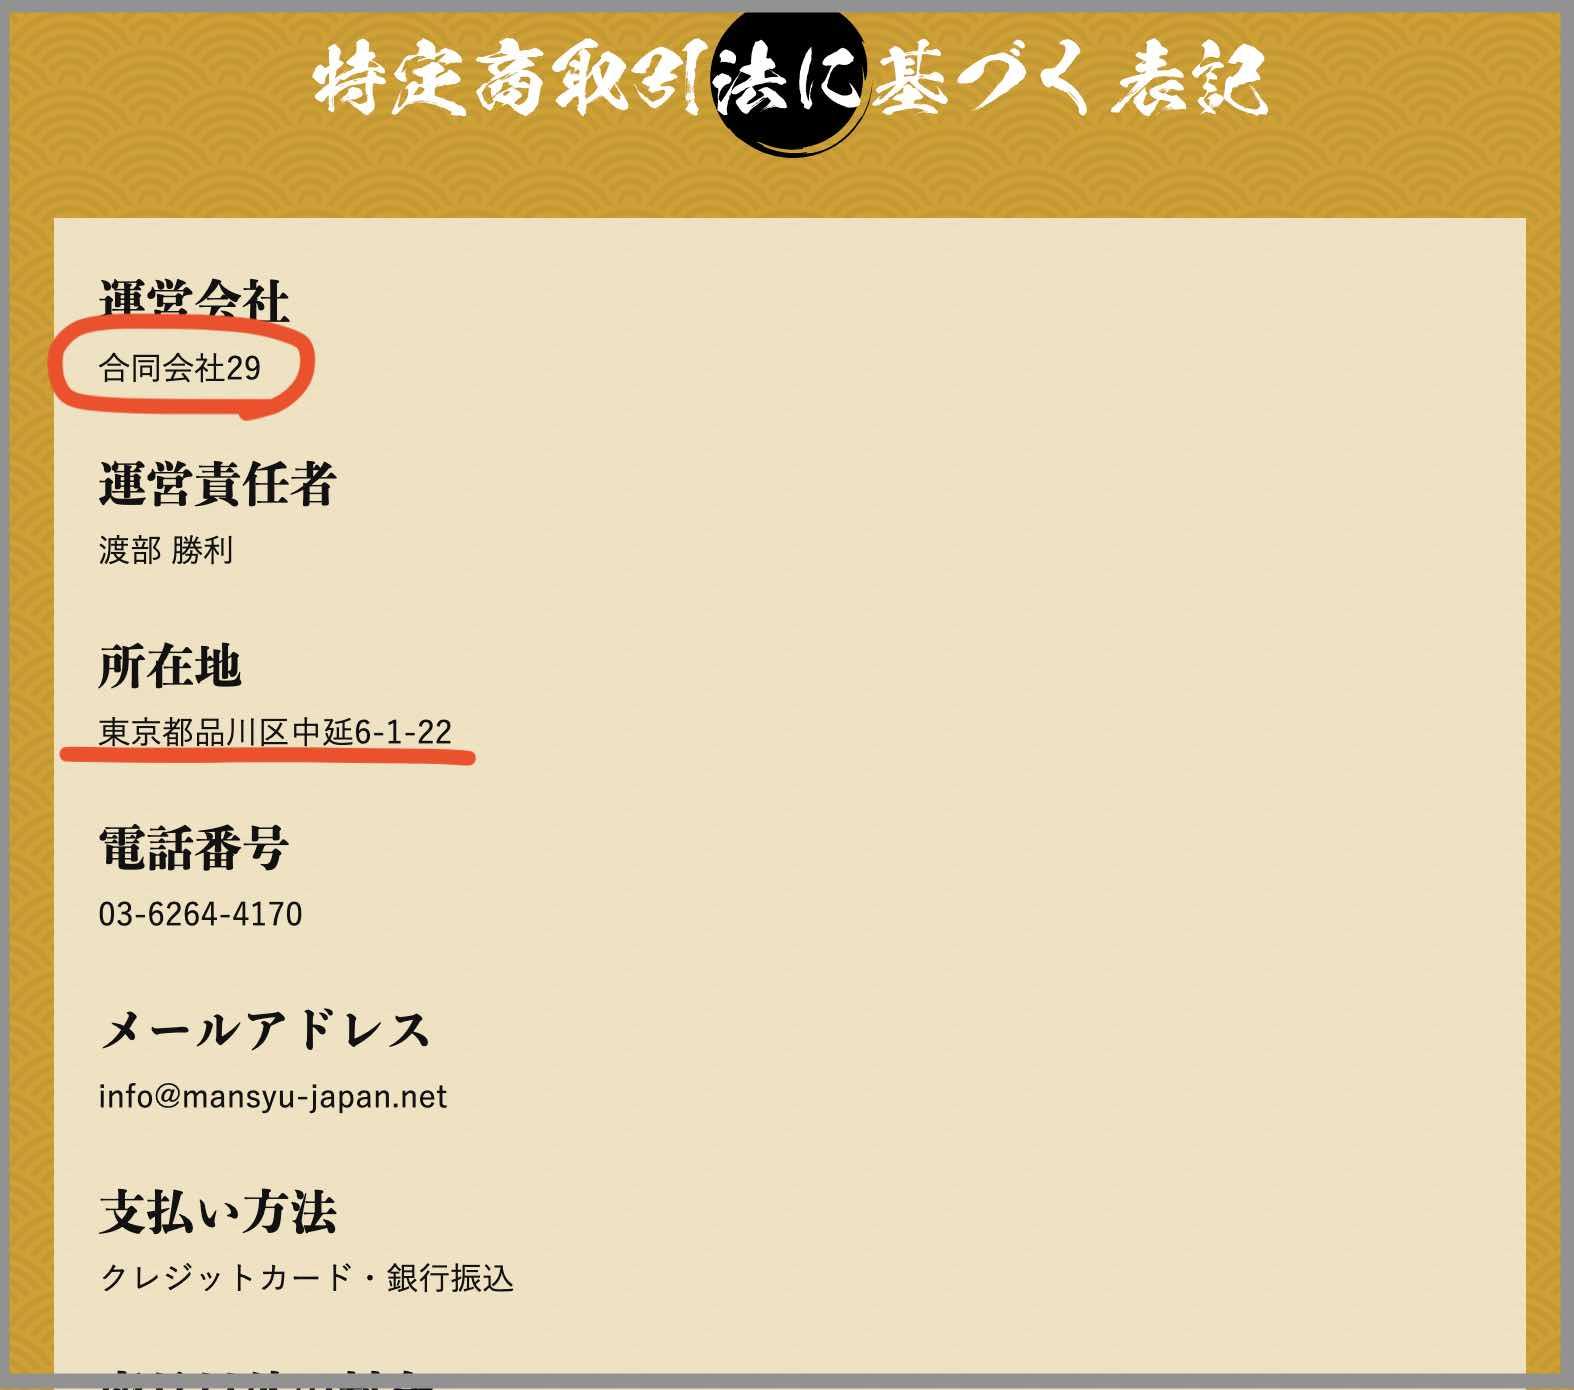 万舟JAPAN(万舟ジャパン)という競艇予想サイト(ボートレース予想サイト)の運営会社